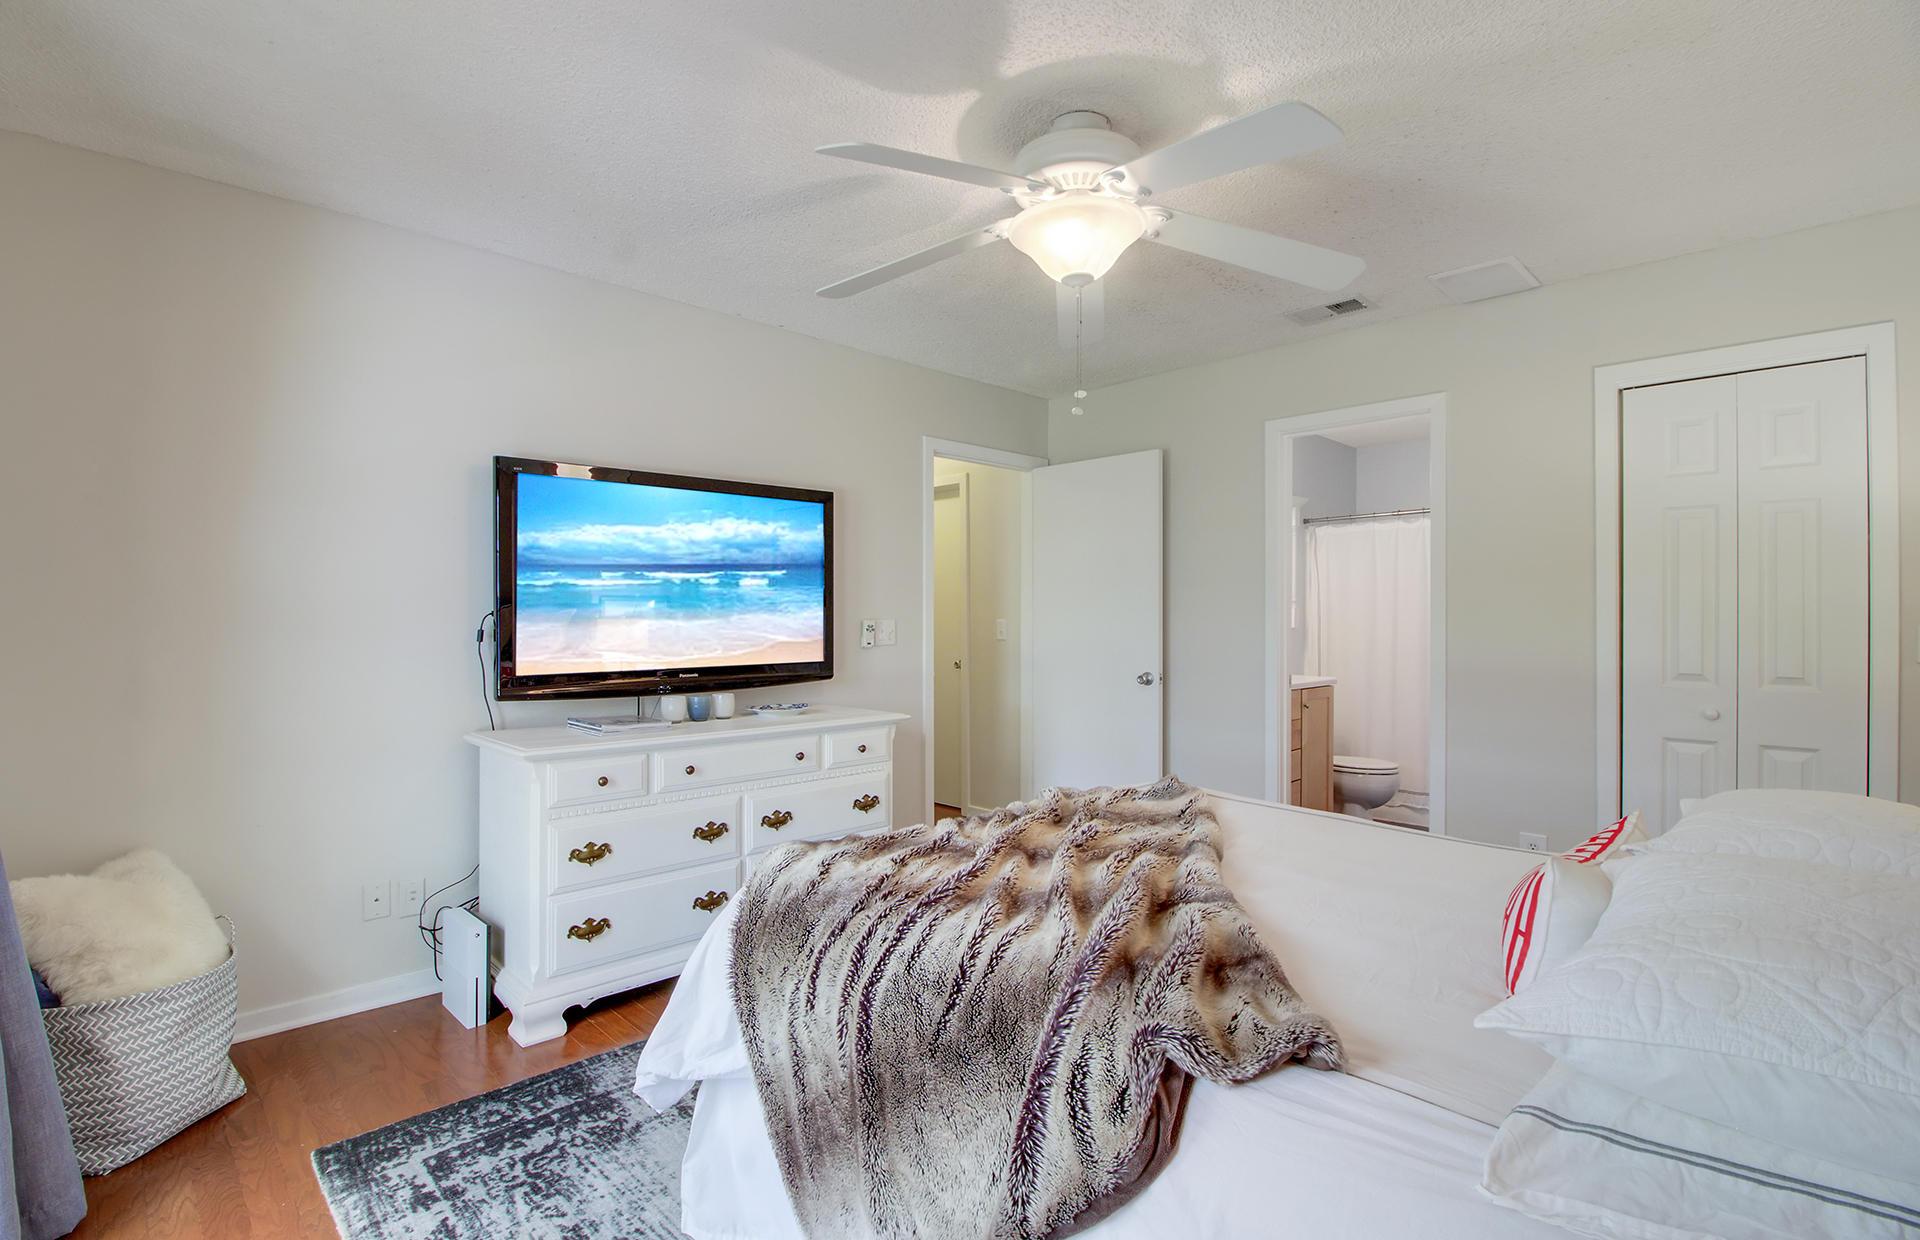 Willow Walk Homes For Sale - 1157 Oakcrest, Charleston, SC - 18